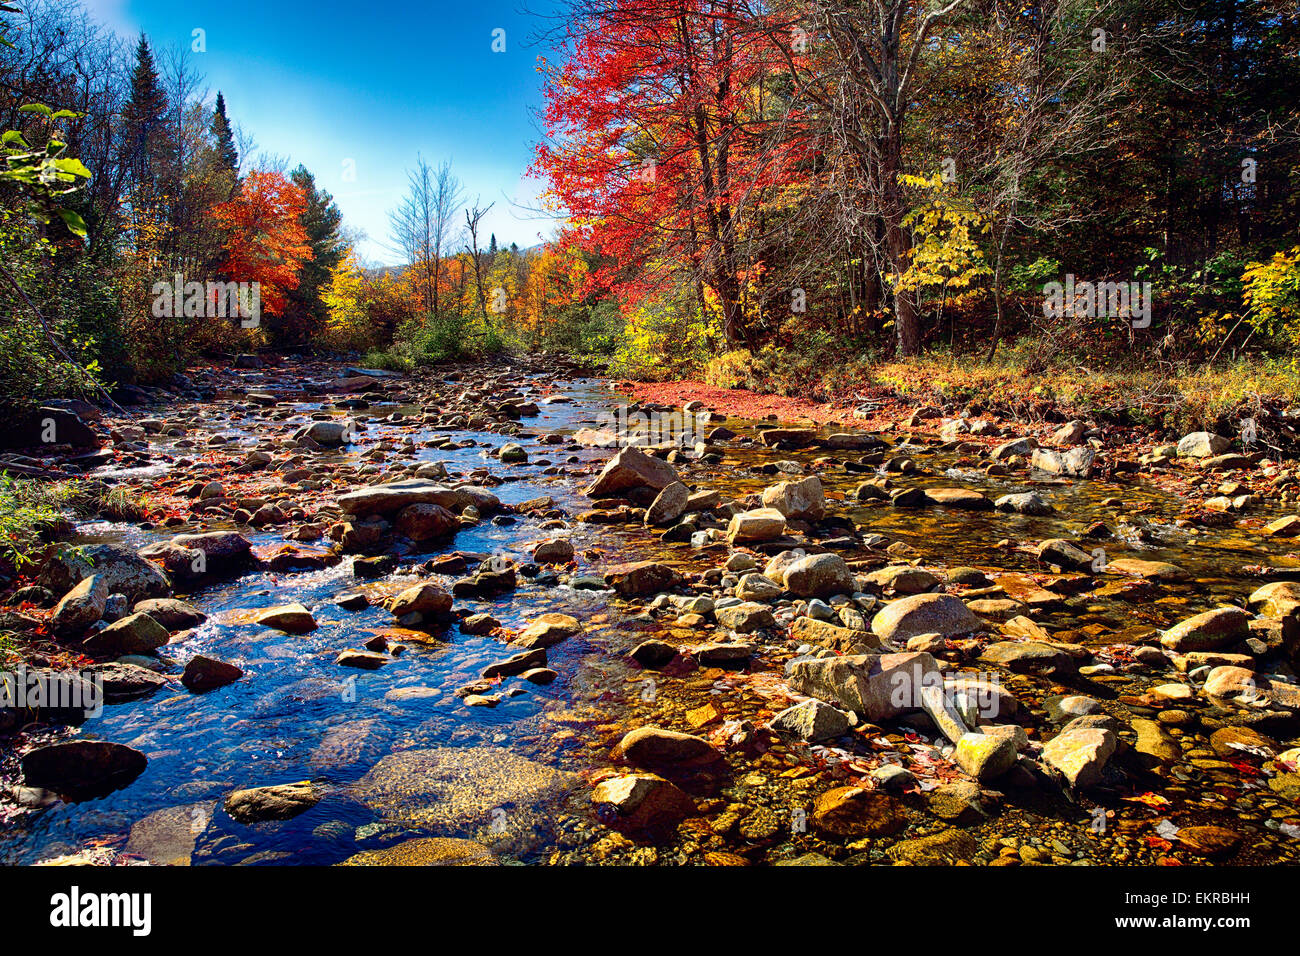 Basso angolo di vista di un roccioso il letto del fiume con la caduta delle foglie, Franconia, New Hampshire, STATI Immagini Stock